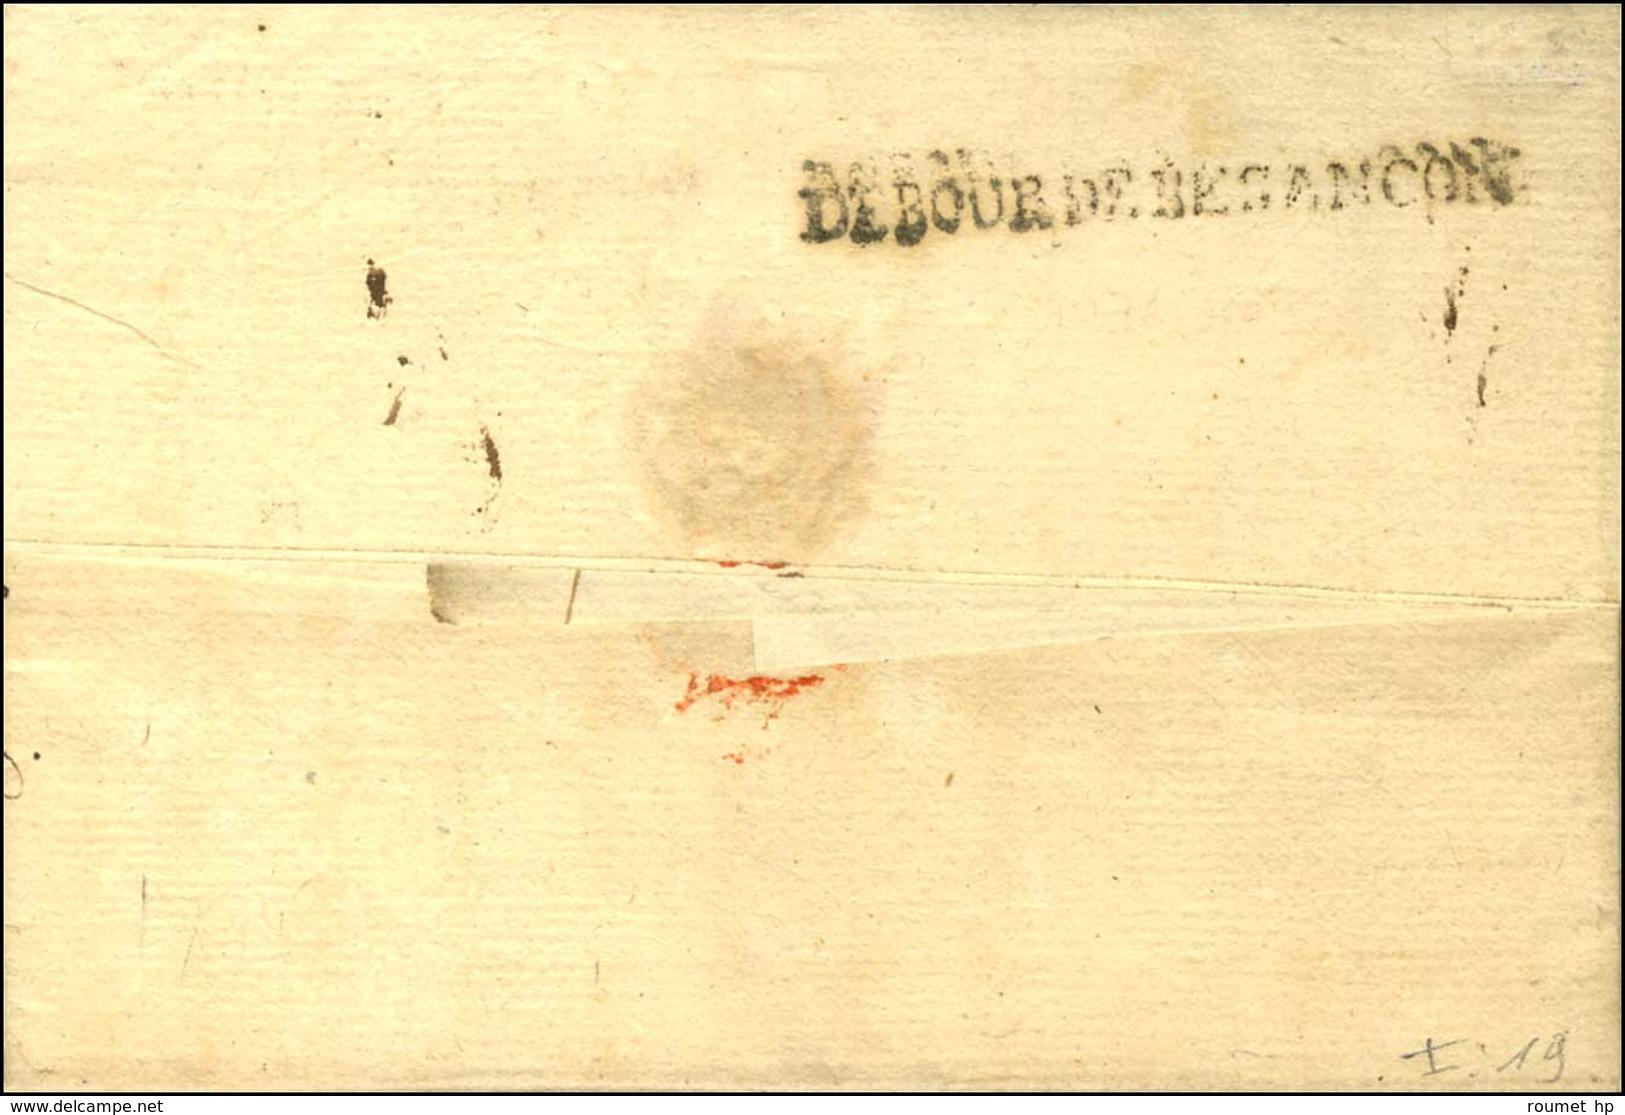 DEBOUR DE BESANÇON (L N° 18, 49 Mm) Sur Lettre Avec Texte Daté 1775 (1ère Date Vue). - TB. - Storia Postale